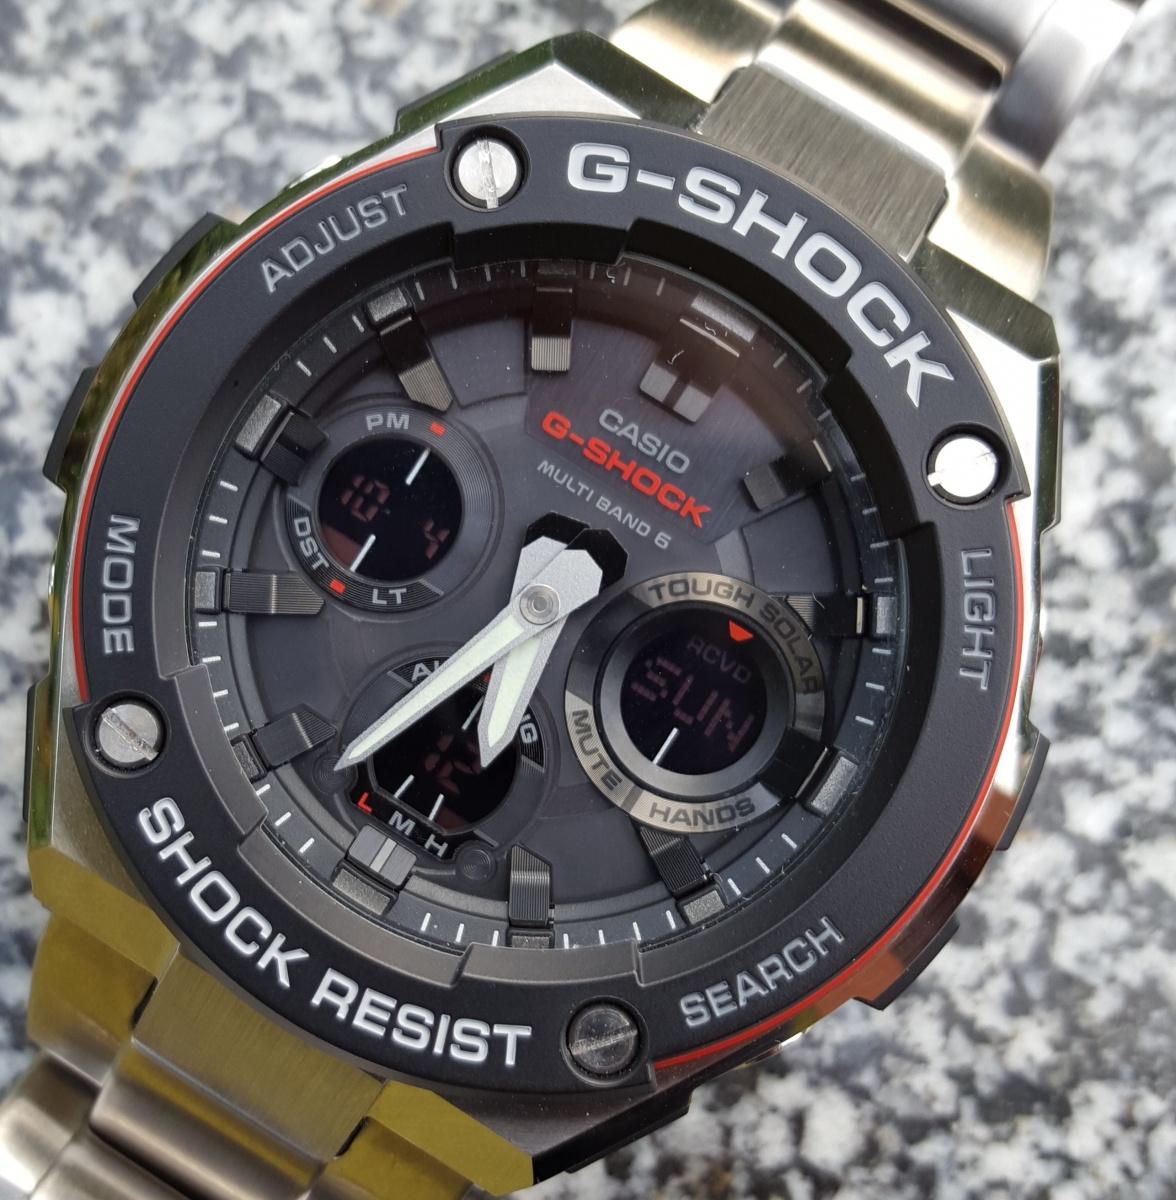 G-shock, Casio